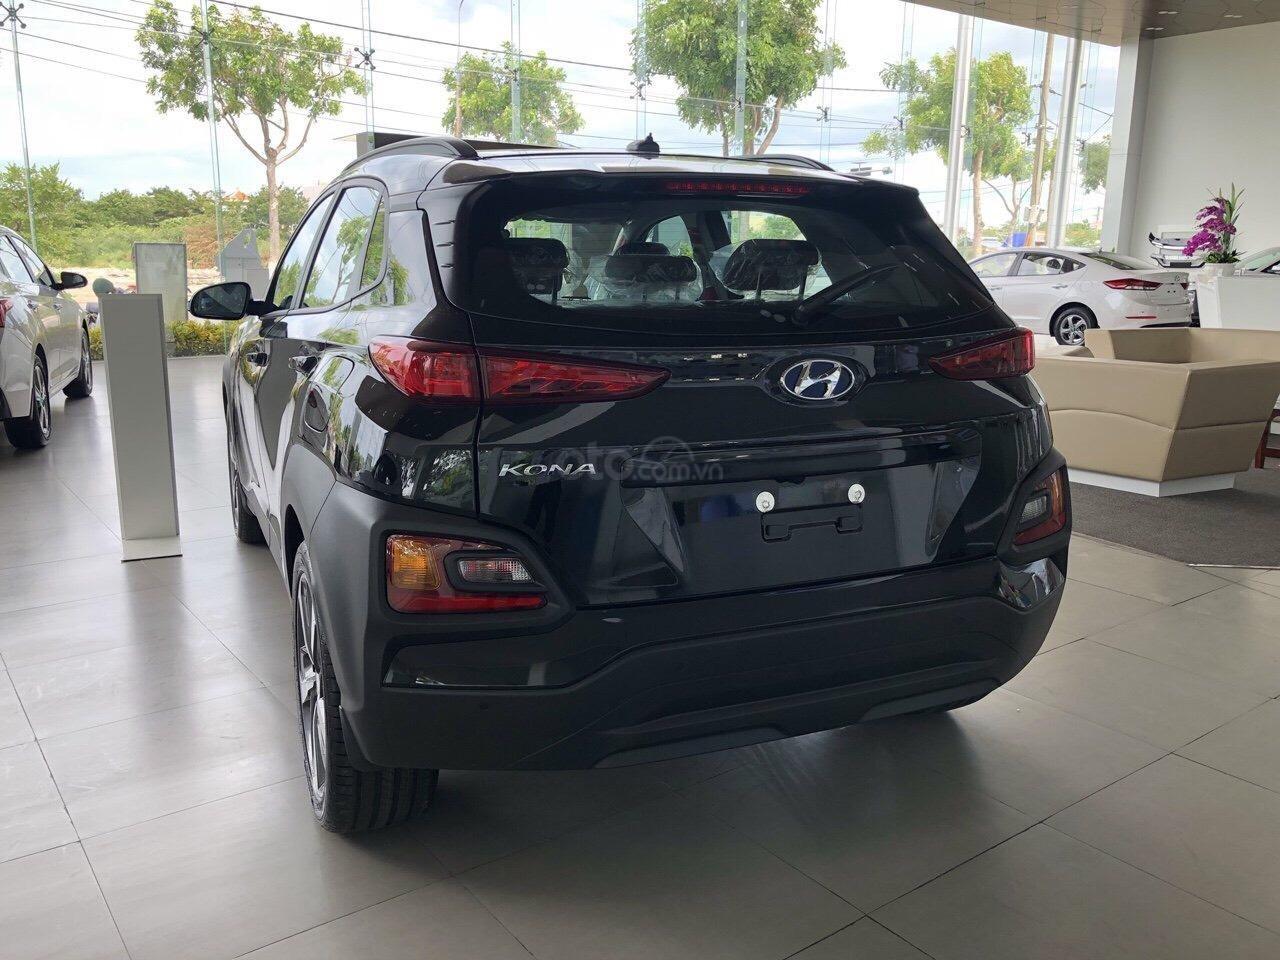 Cần bán Hyundai Kona 2019, tặng ngay 3 món phụ kiện khi đặt cọc xe, liên hệ: 0905976950 (8)